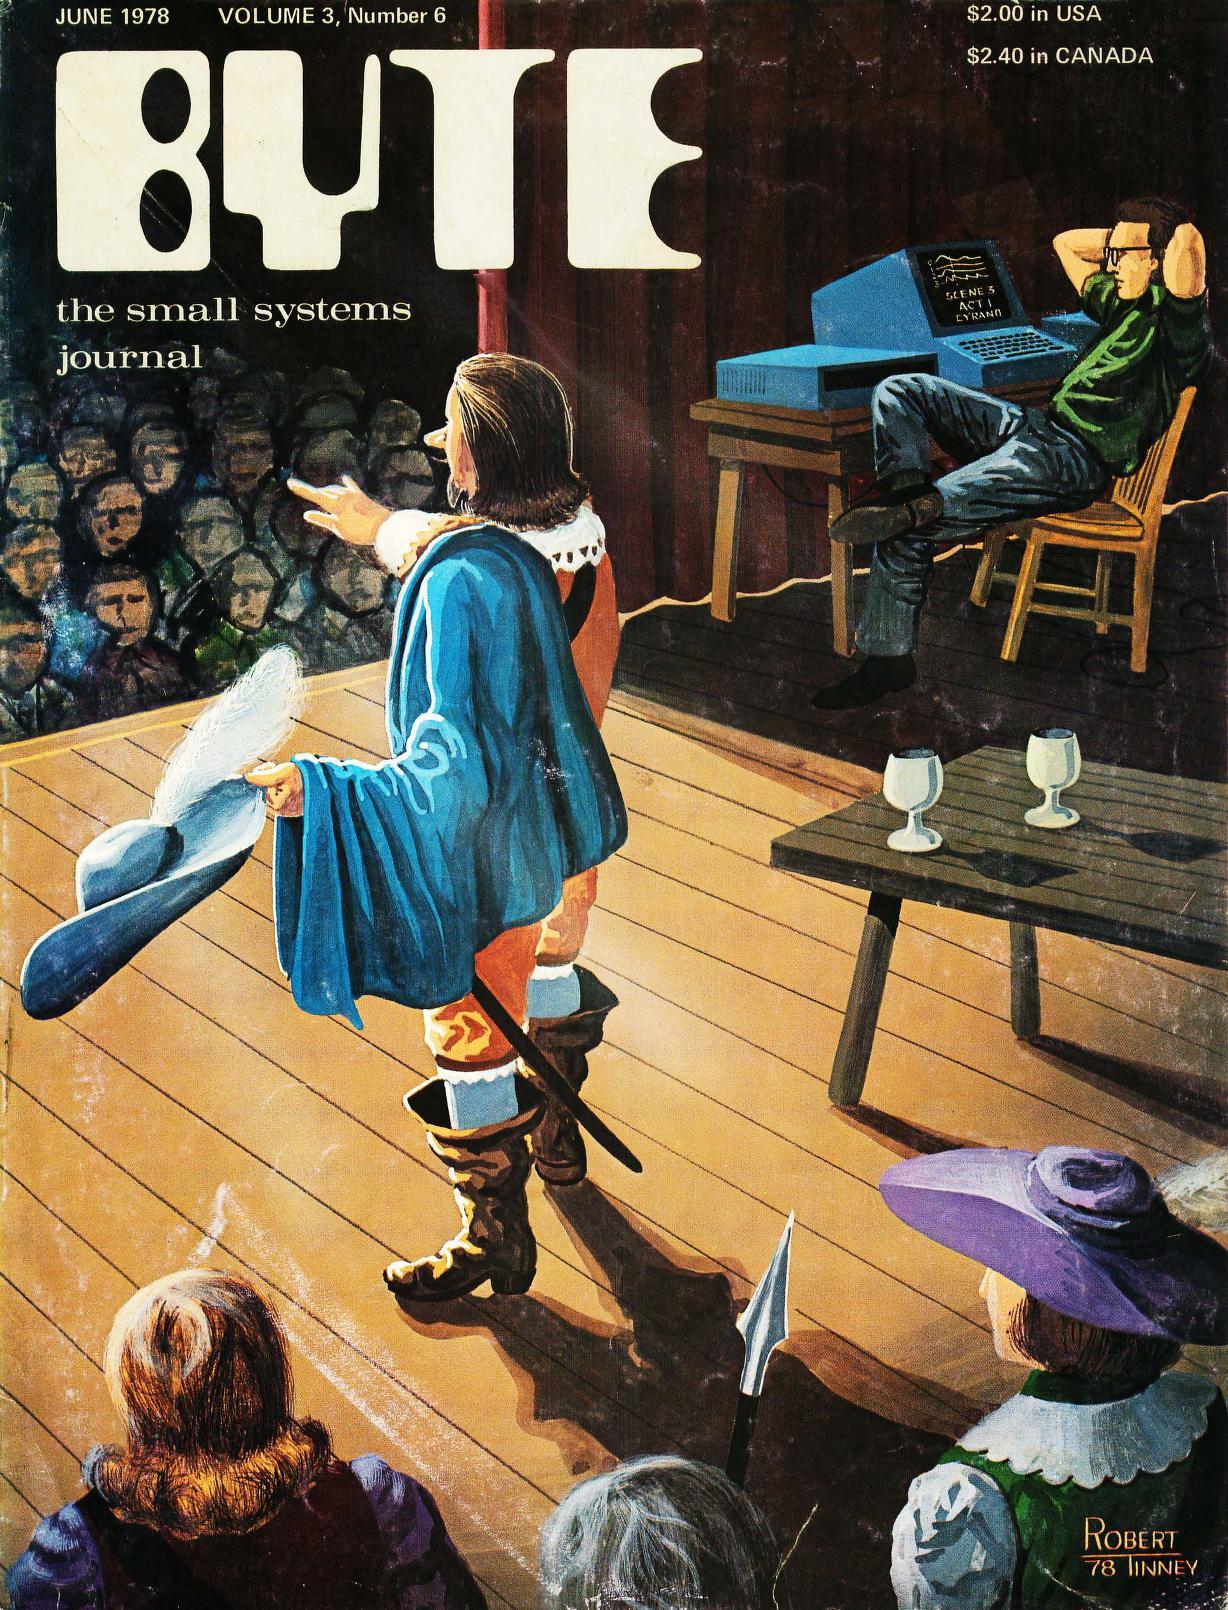 Juni 1976. Malt av Robert Tinney. Coveret er inspirert av en artikkel om hvordan datamaskiner brukes til å styre lyssettingen i et teater.